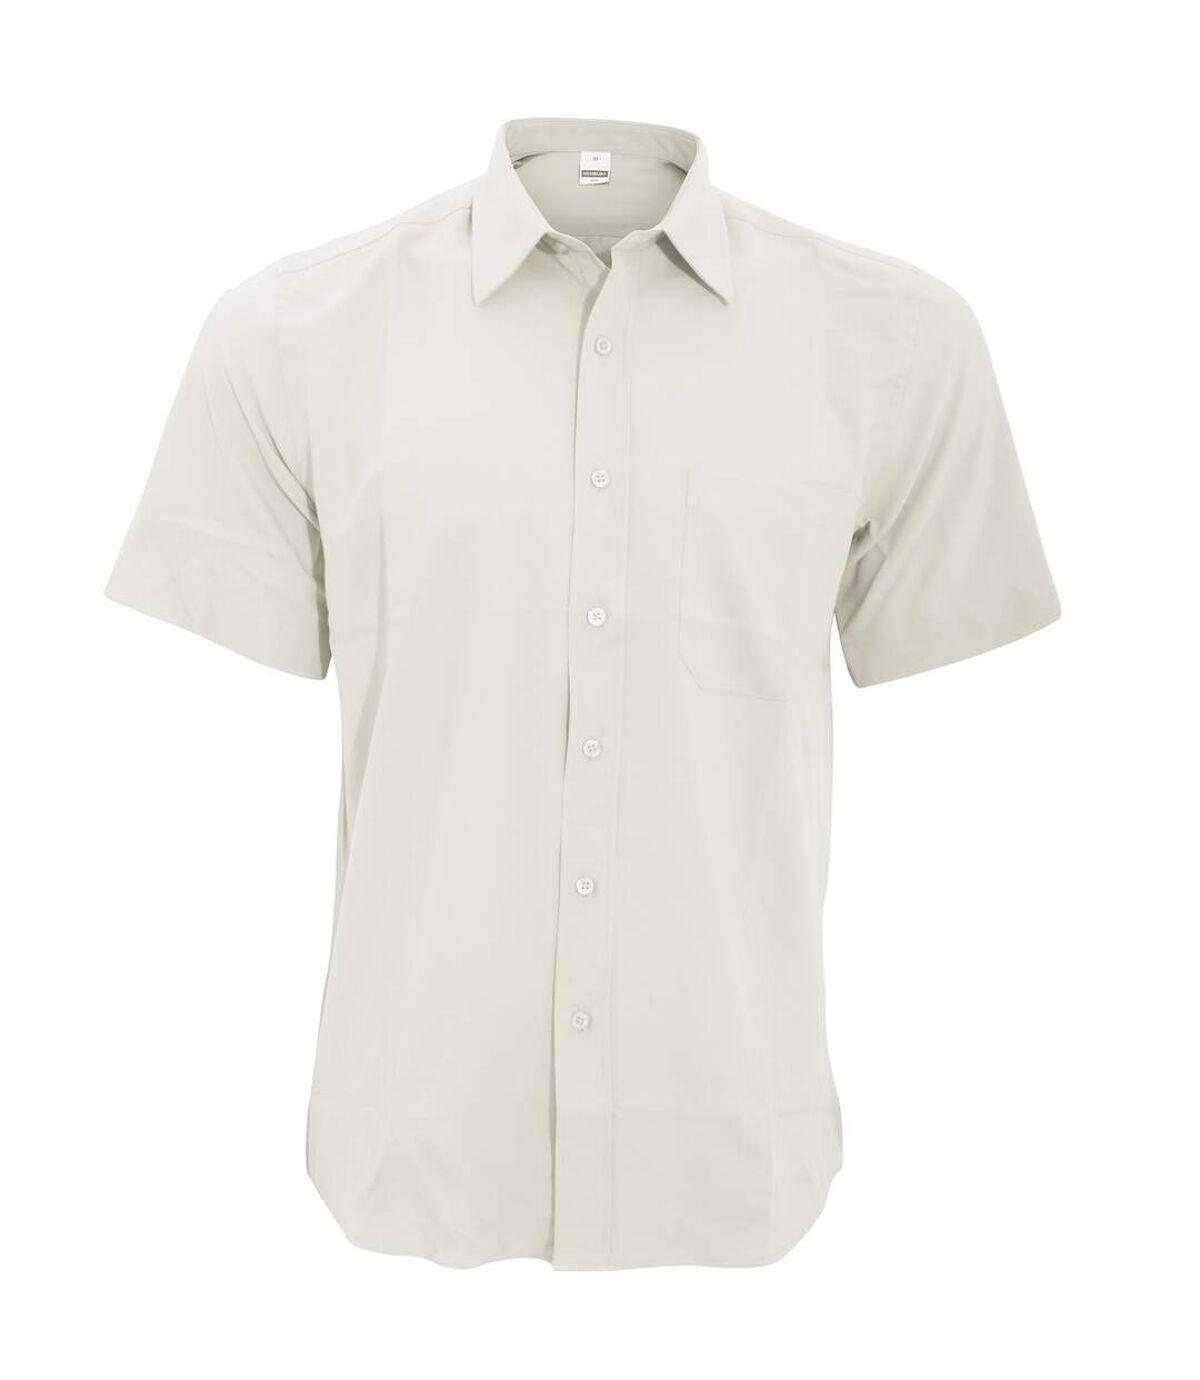 Henbury Mens Wicking Short Sleeve Work Shirt (White) - UTRW2698